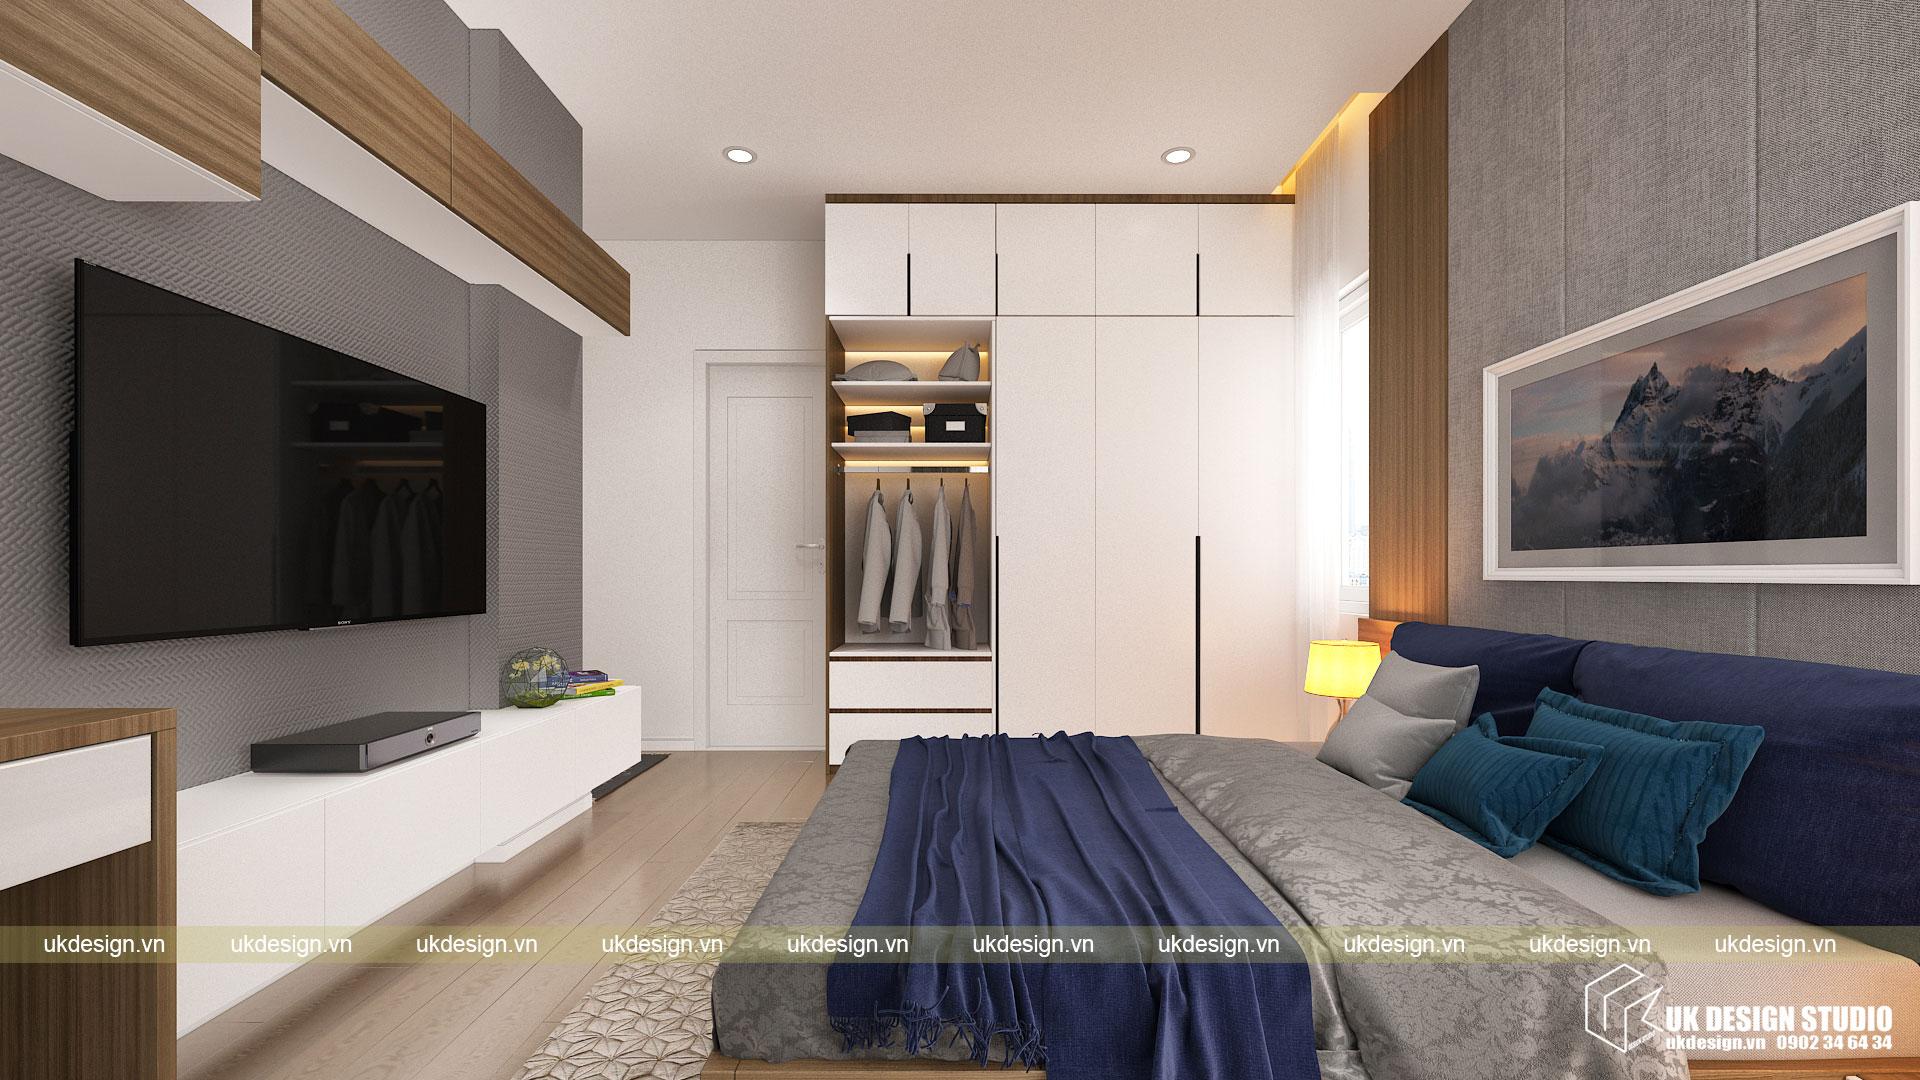 Thiết kế nội thất căn hộ 60m2 Hưng Lộc Phát 10